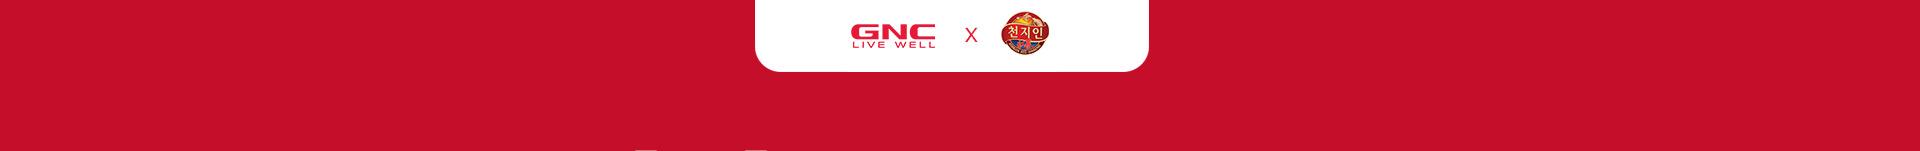 GNC X 천지인 건강 시그널 건강해지는 기분 좋은 느낌 GNC 골드회원 가입 이벤트도 놓치지 마세요! 6월의 GNC 시그널 이벤트 GNC 골드회원 가입/갱신하고 15% 쿠폰 받자! 3만원 이상 구매 시 / 최대 3만원 할인 혜택 보고 가입/갱신하기